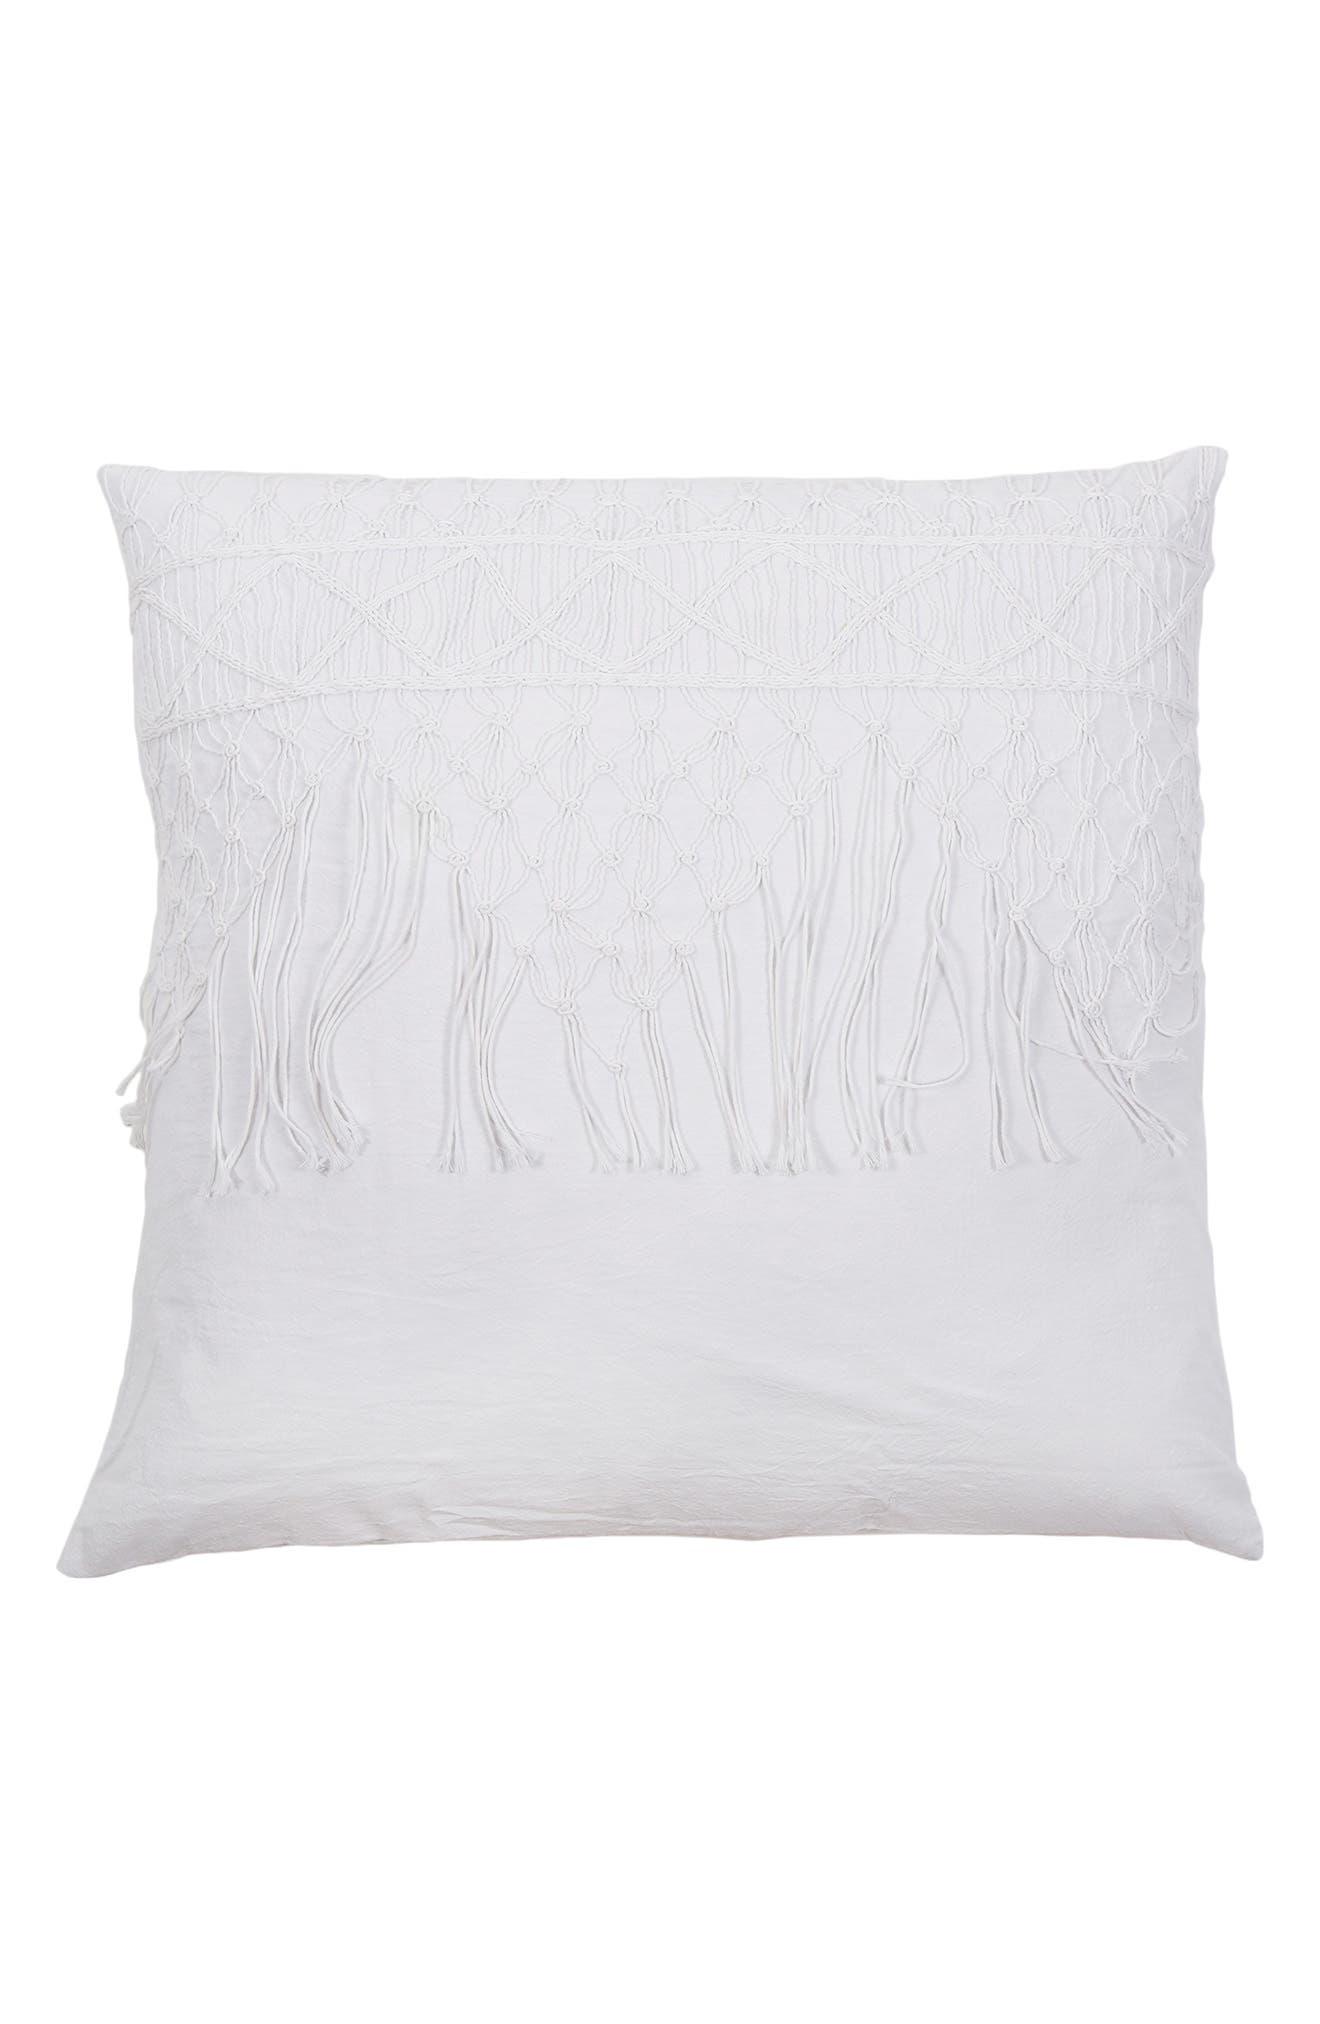 Zoe Accent Pillow Sham,                         Main,                         color, 100